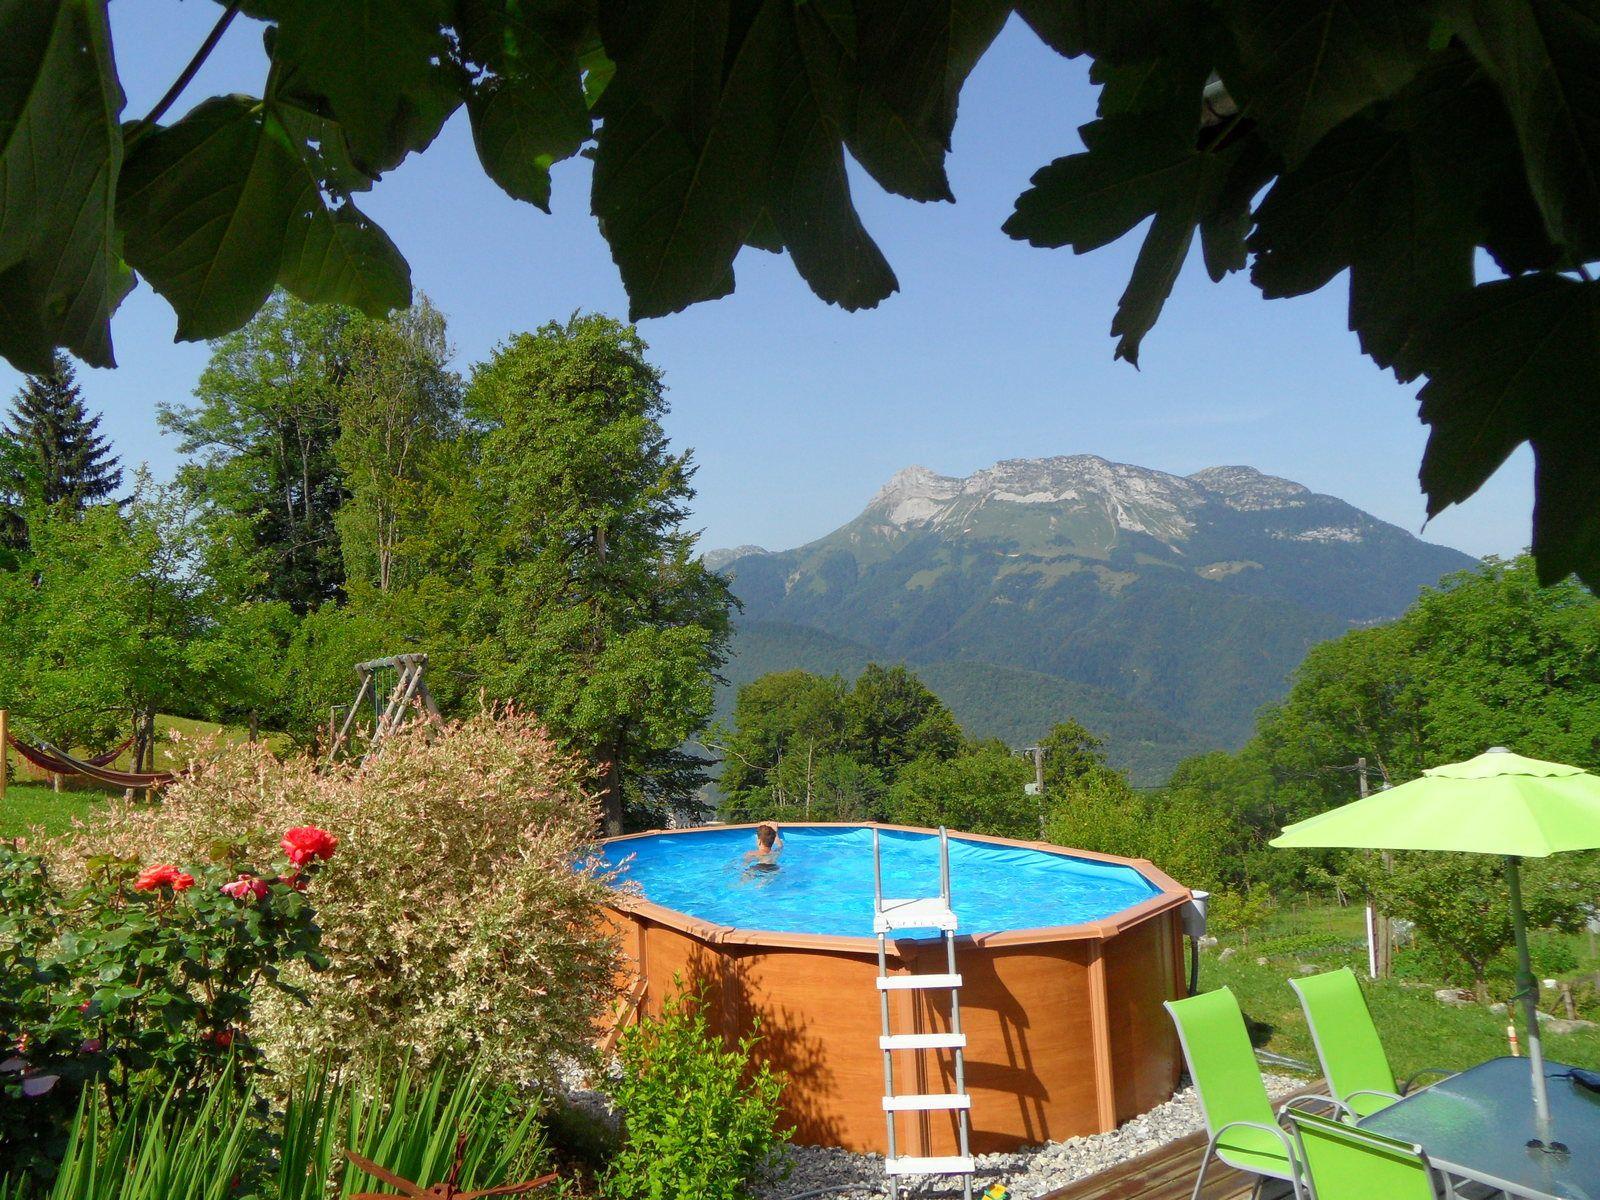 Location de vacances d'été avec piscine, randonnées accessibles depuis la maison ! nombreuses activités d'été escalade via-ferratta canyoning  équitation VTT parcours aventures baignade etc.